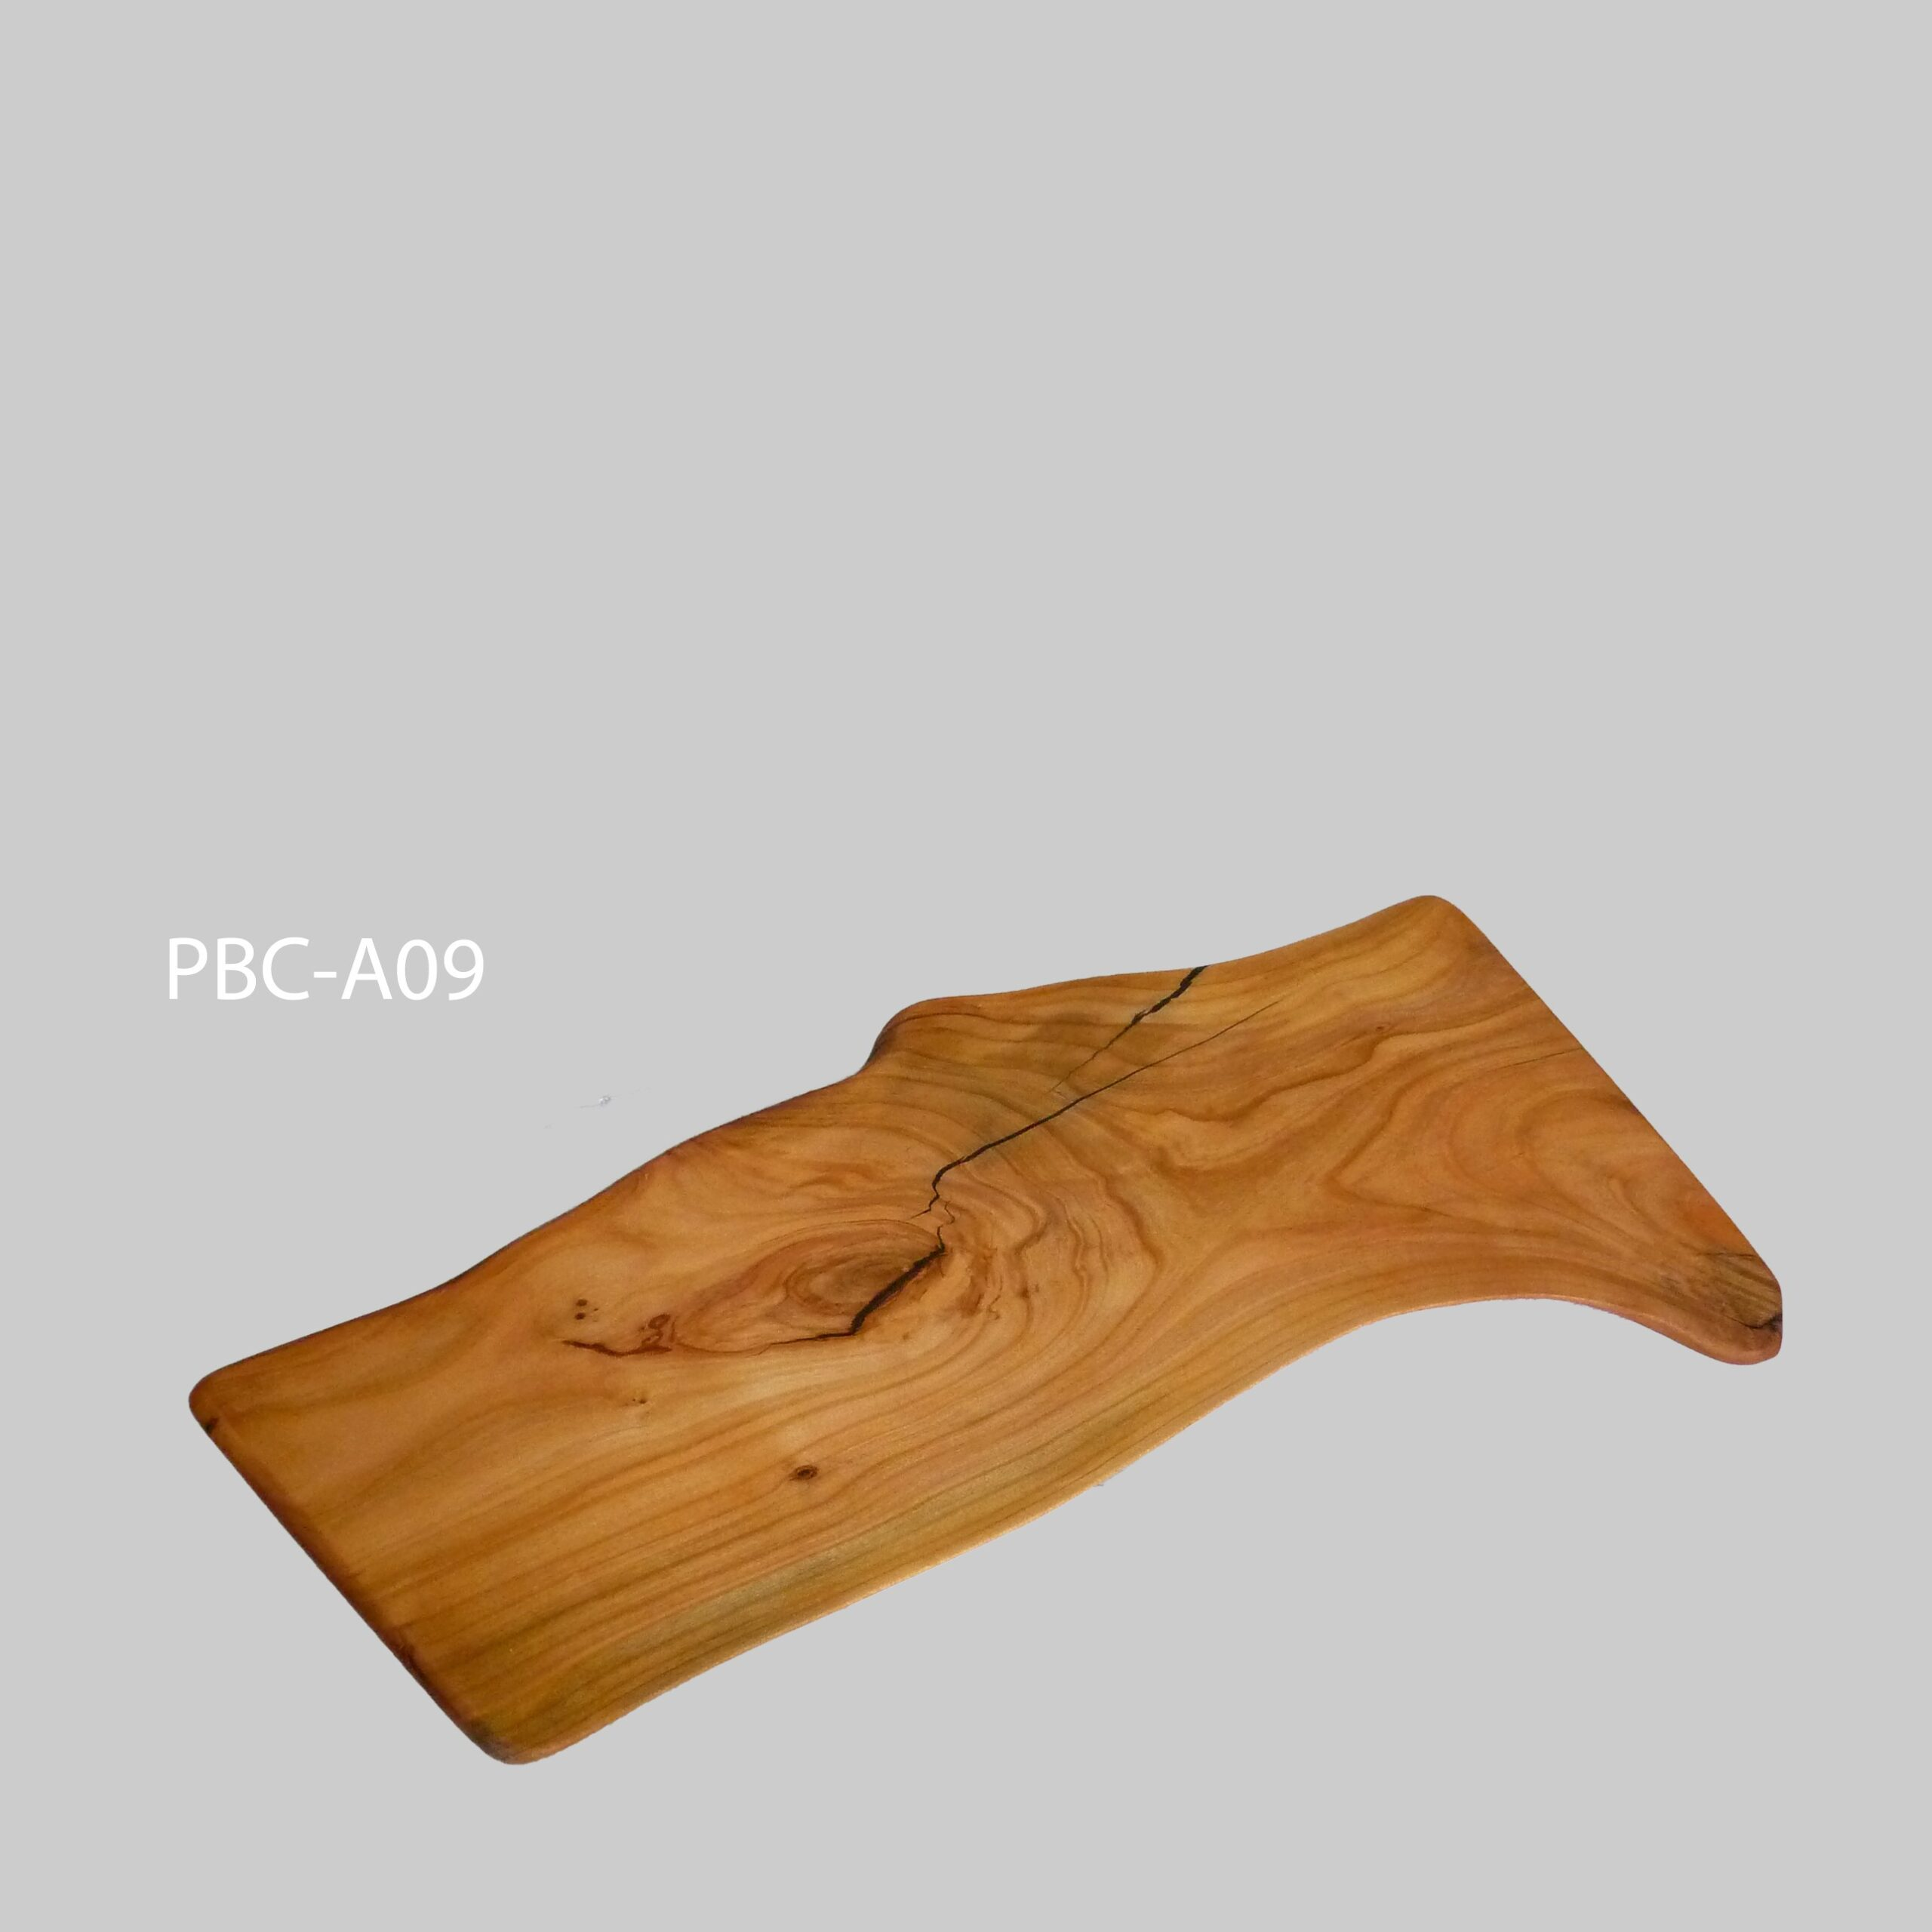 PBC-A09